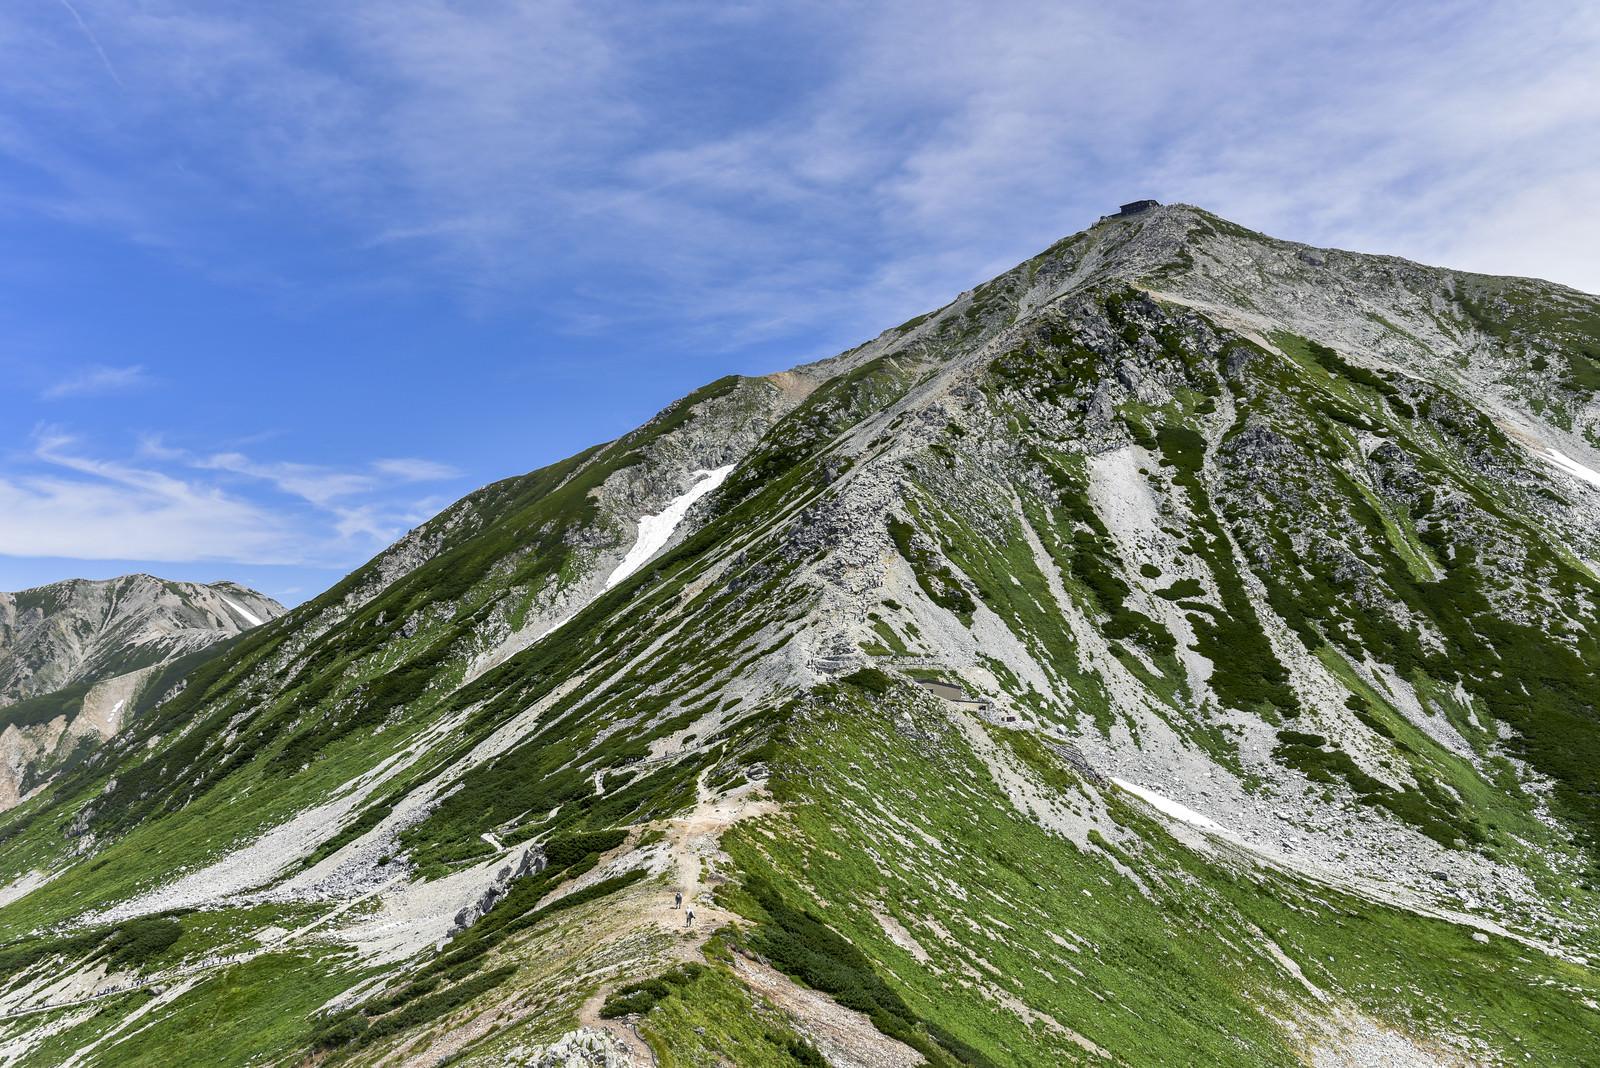 「浄土山鞍部から見上げる立山雄山の姿」の写真